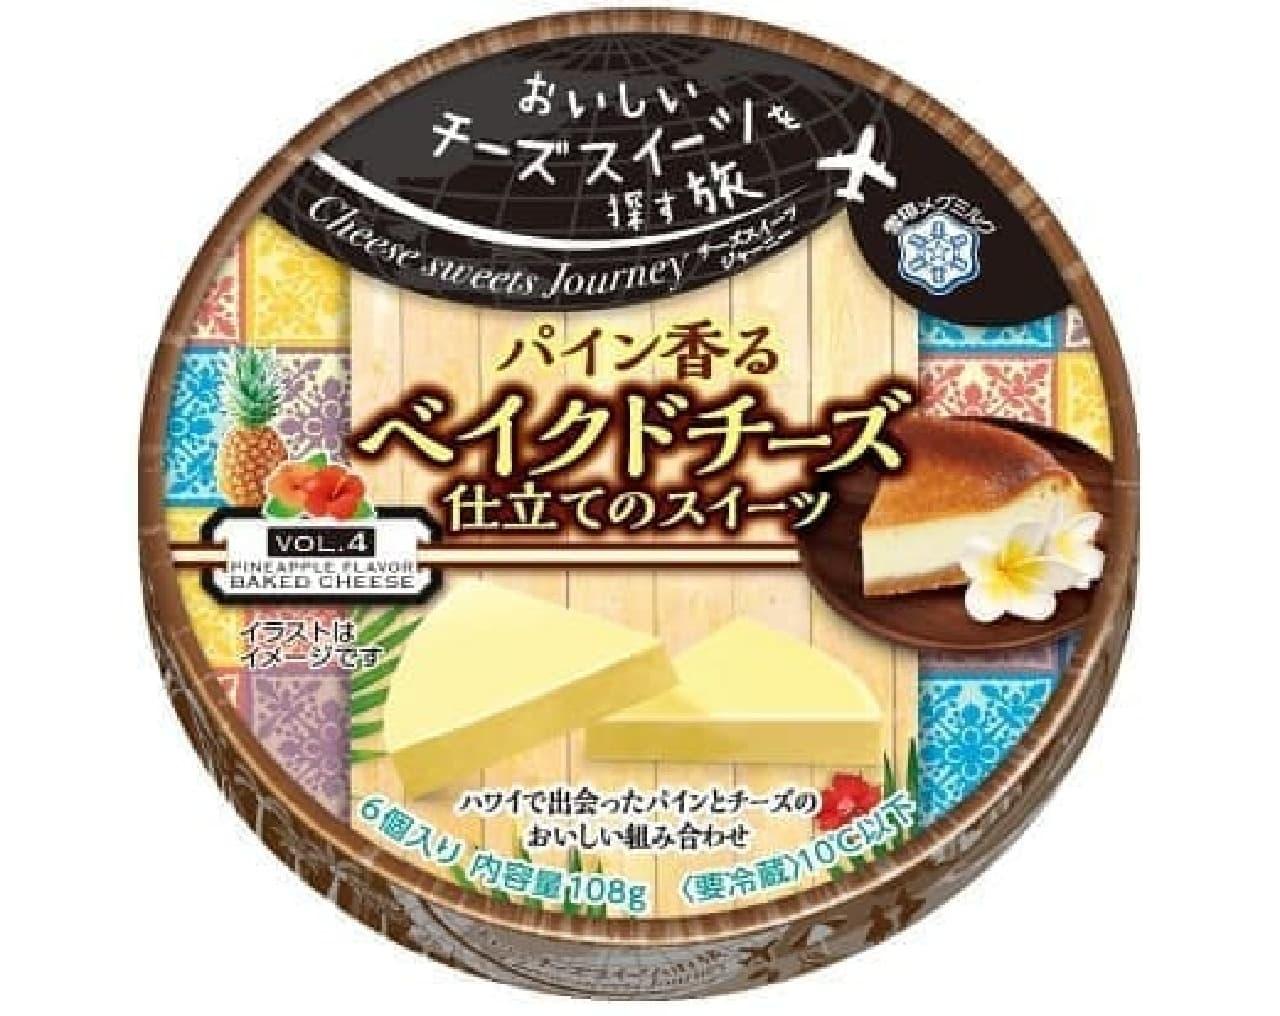 雪印メグミルク「Cheese sweets Journey(チーズスイーツジャーニー) パイン香る ベイクドチーズ仕立てのスイーツ」